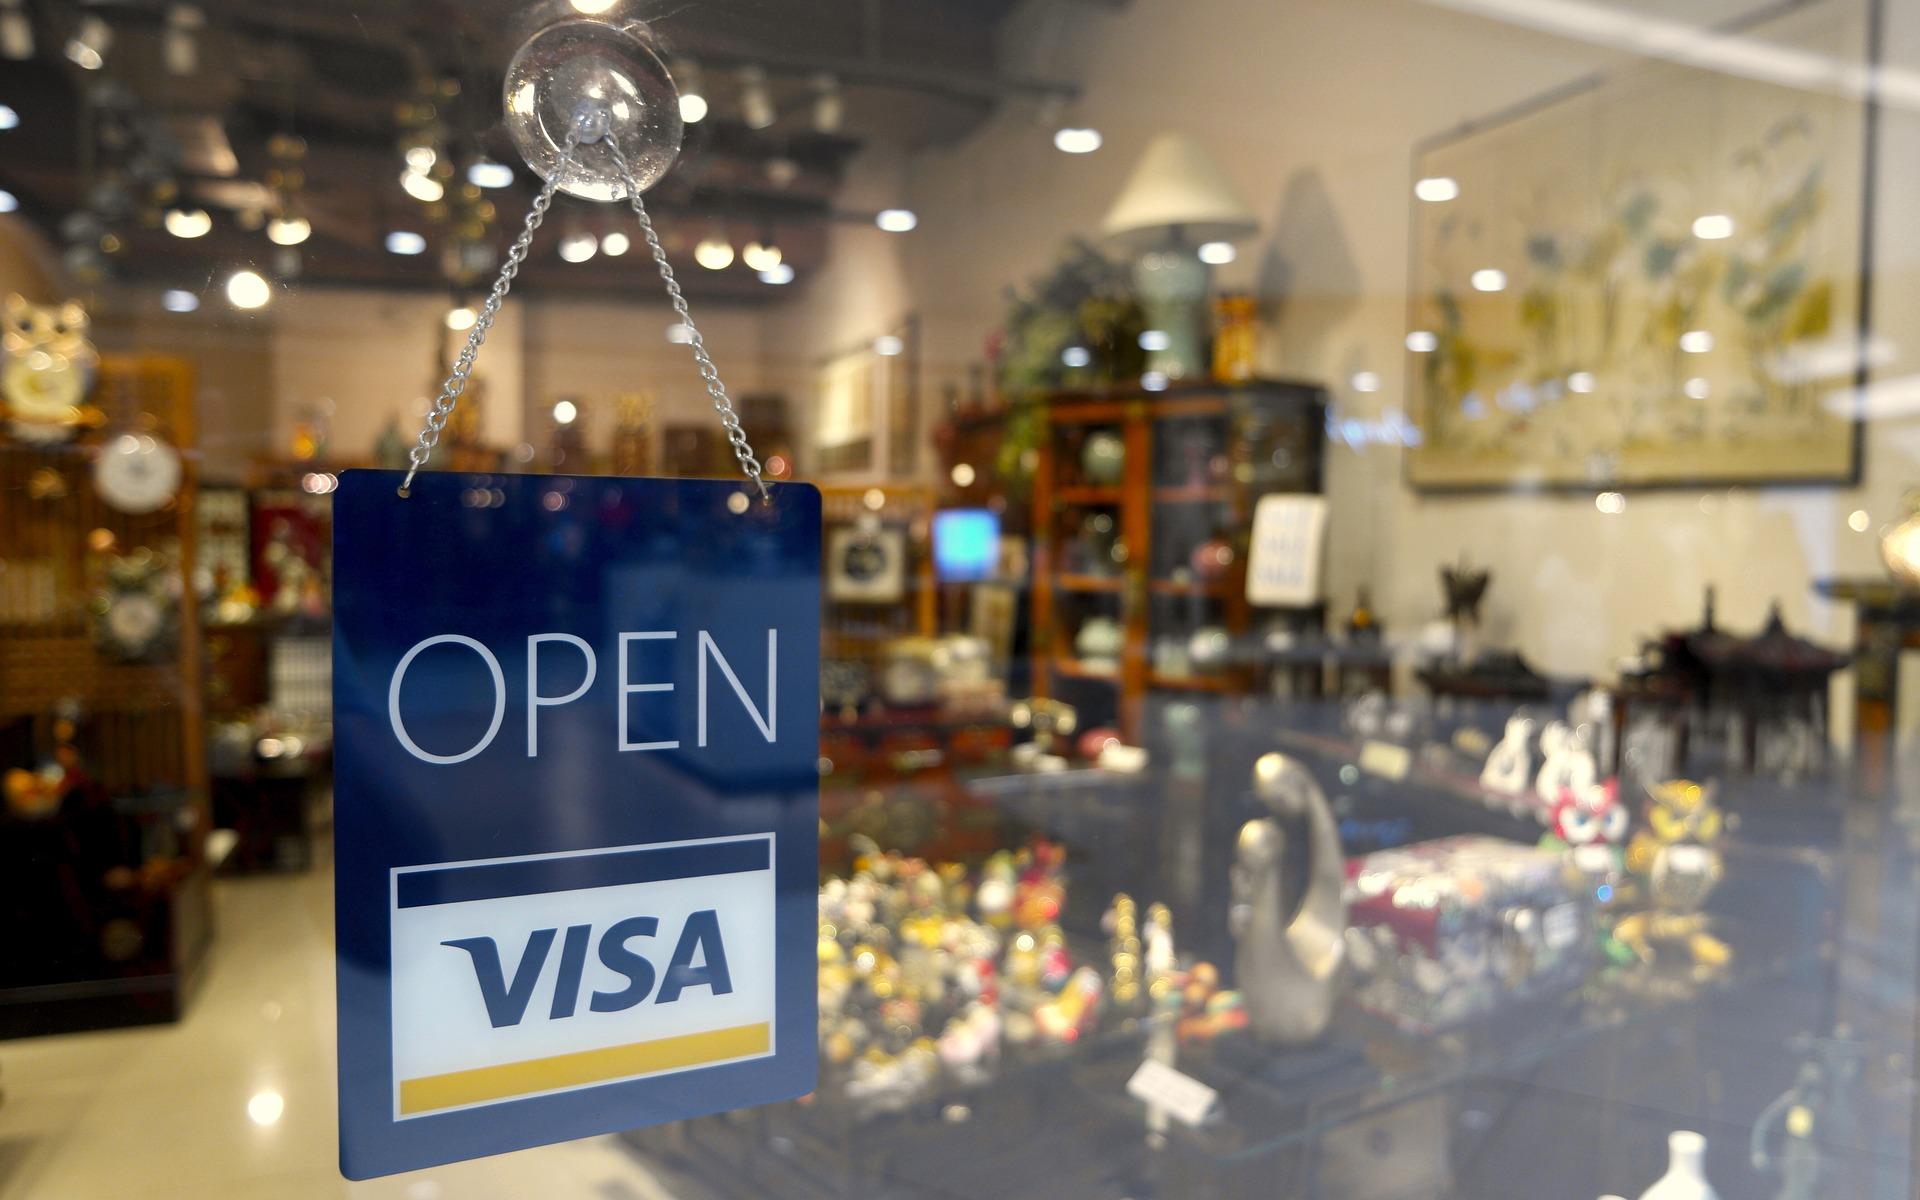 비자(Visa) 비트코인 지원 API 서비스 준비